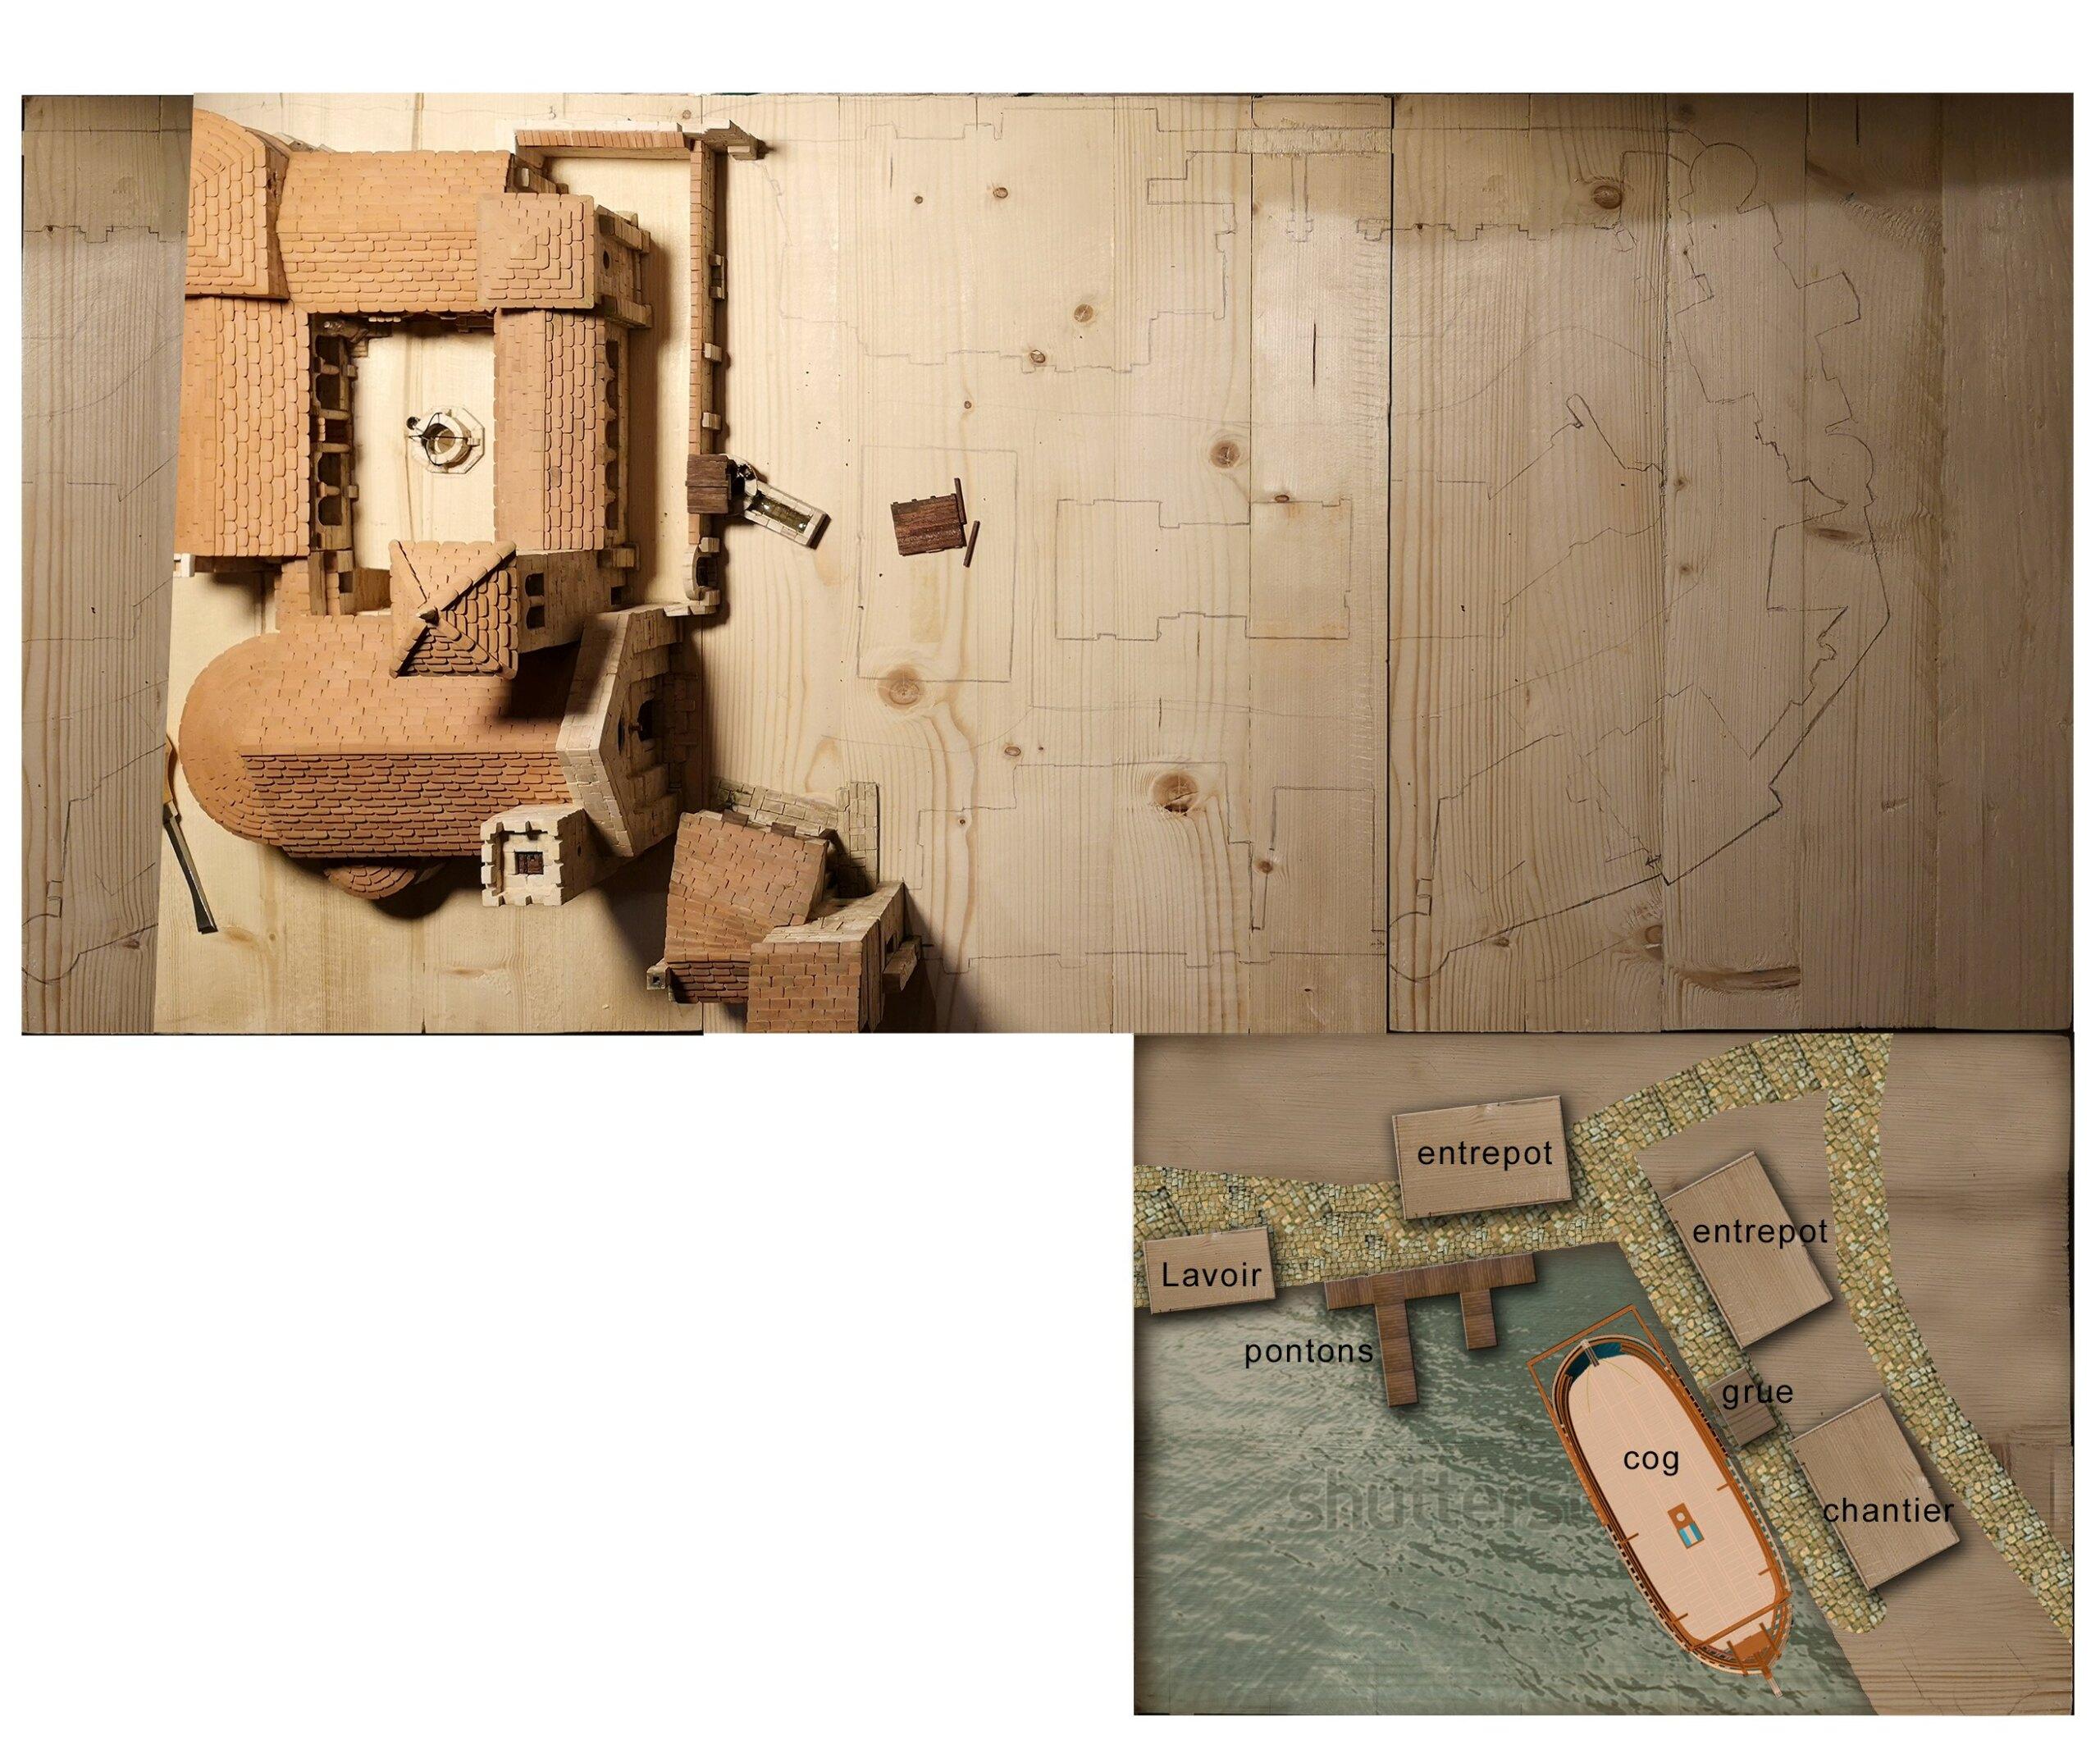 Village médiéval fortifié (1) - Page 37 Villag11